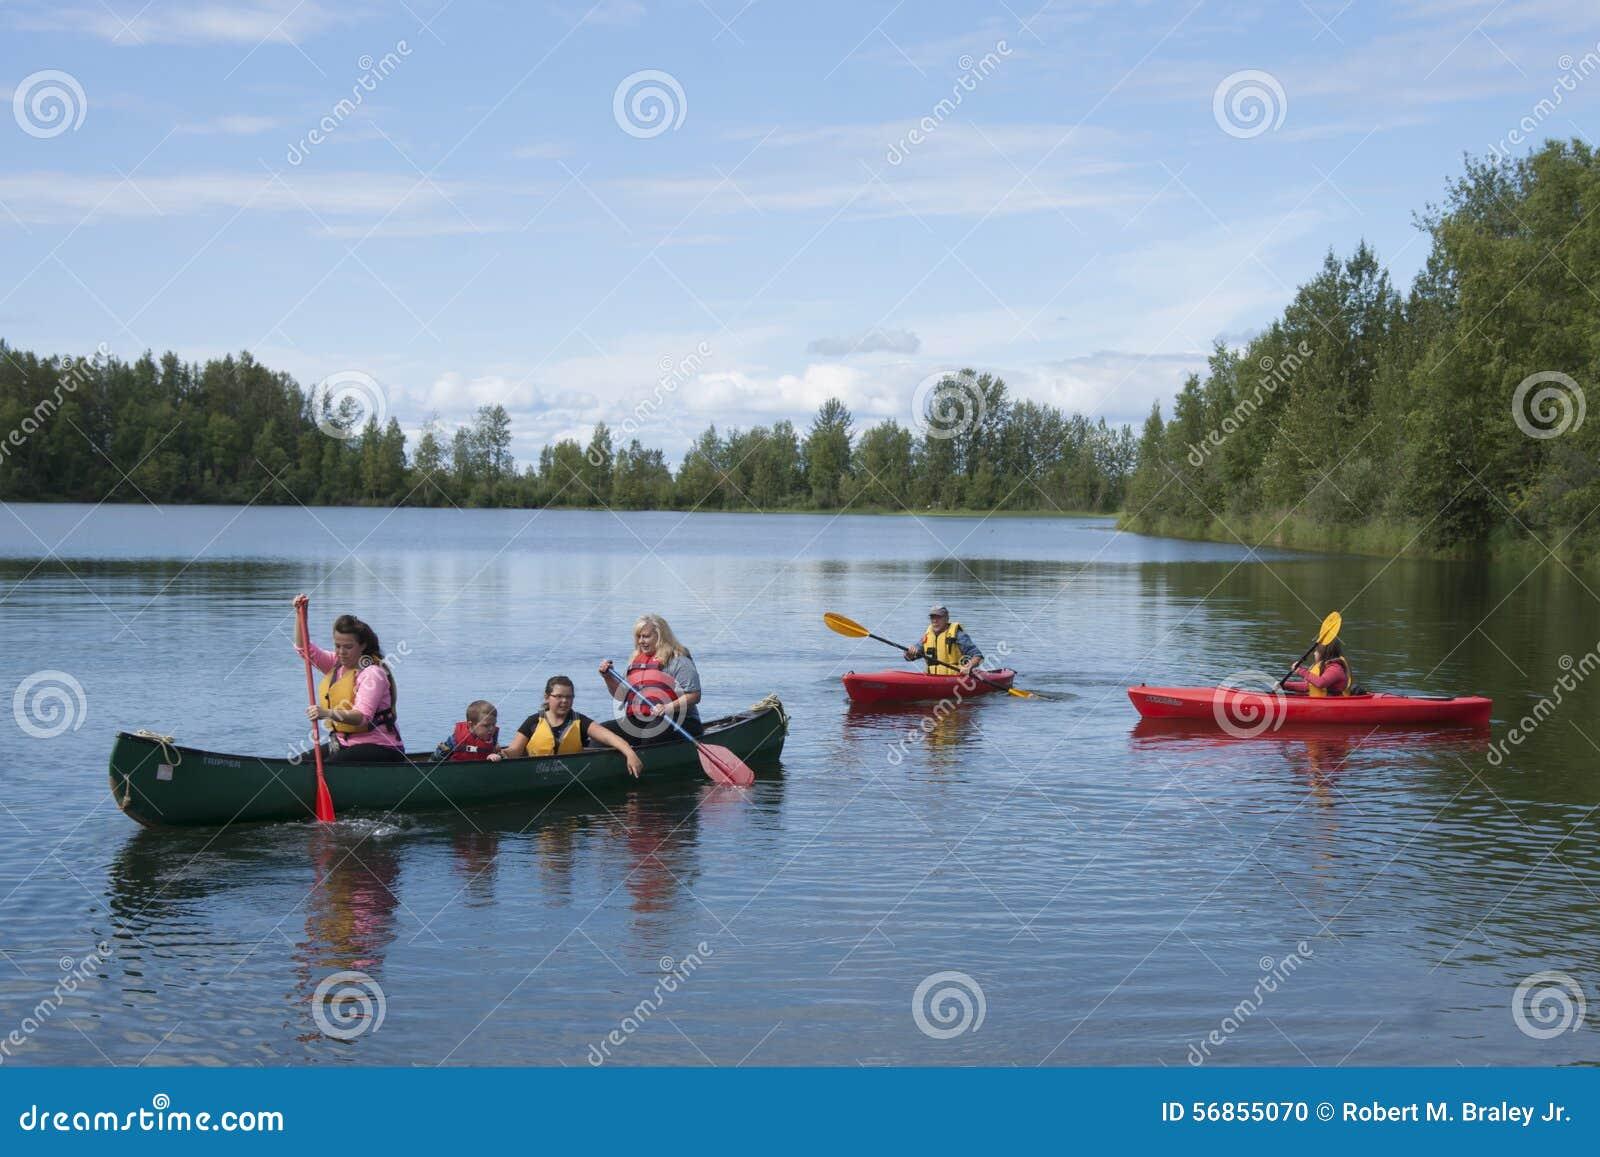 Download Summer Family Fun Day Reflections Lake Alaska Editorial Image - Image of alaskans, flats: 56855070